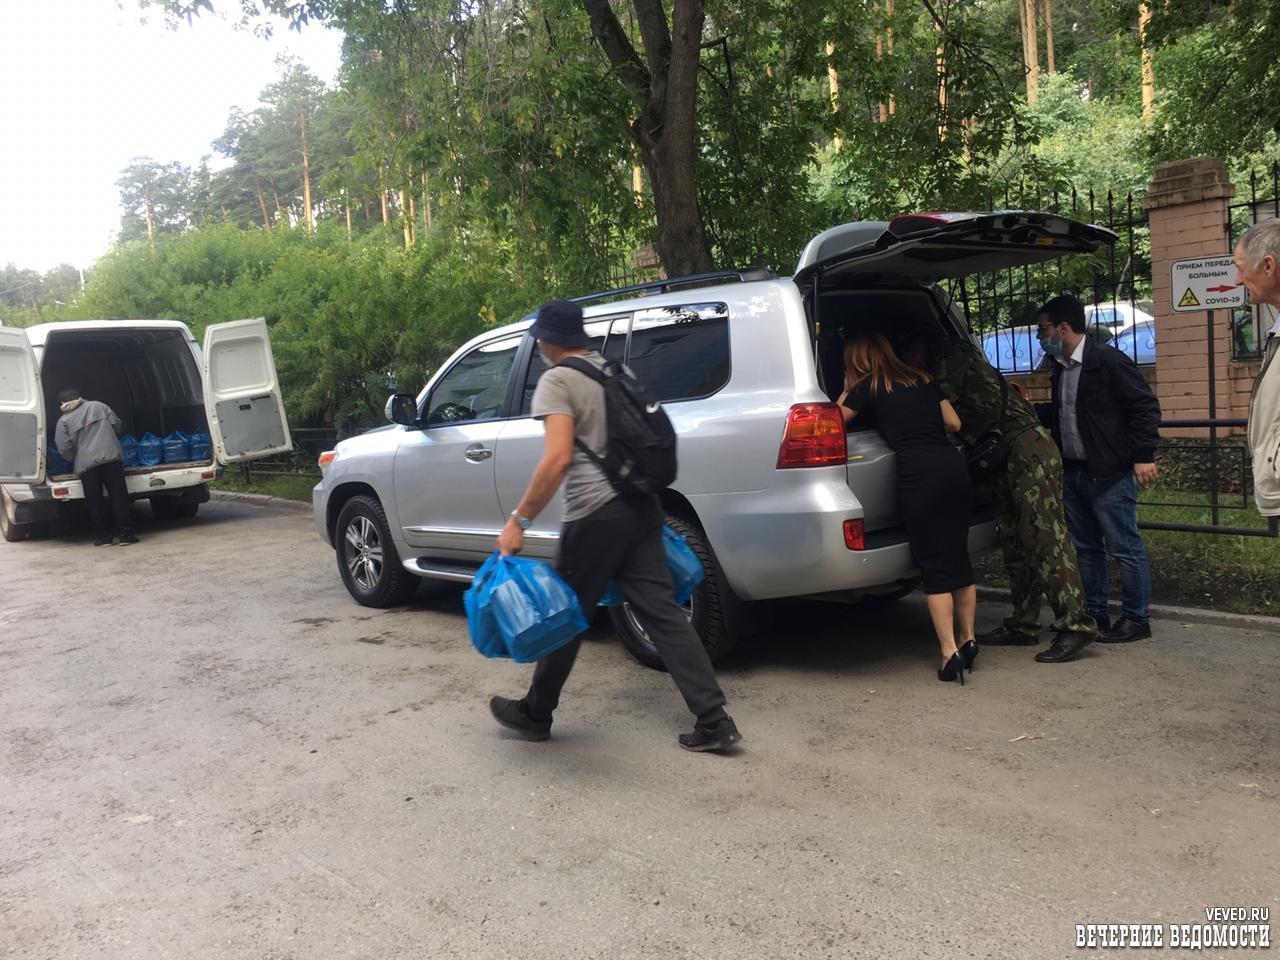 Екатеринбургских врачей продолжают благодарить за спасенные жизни